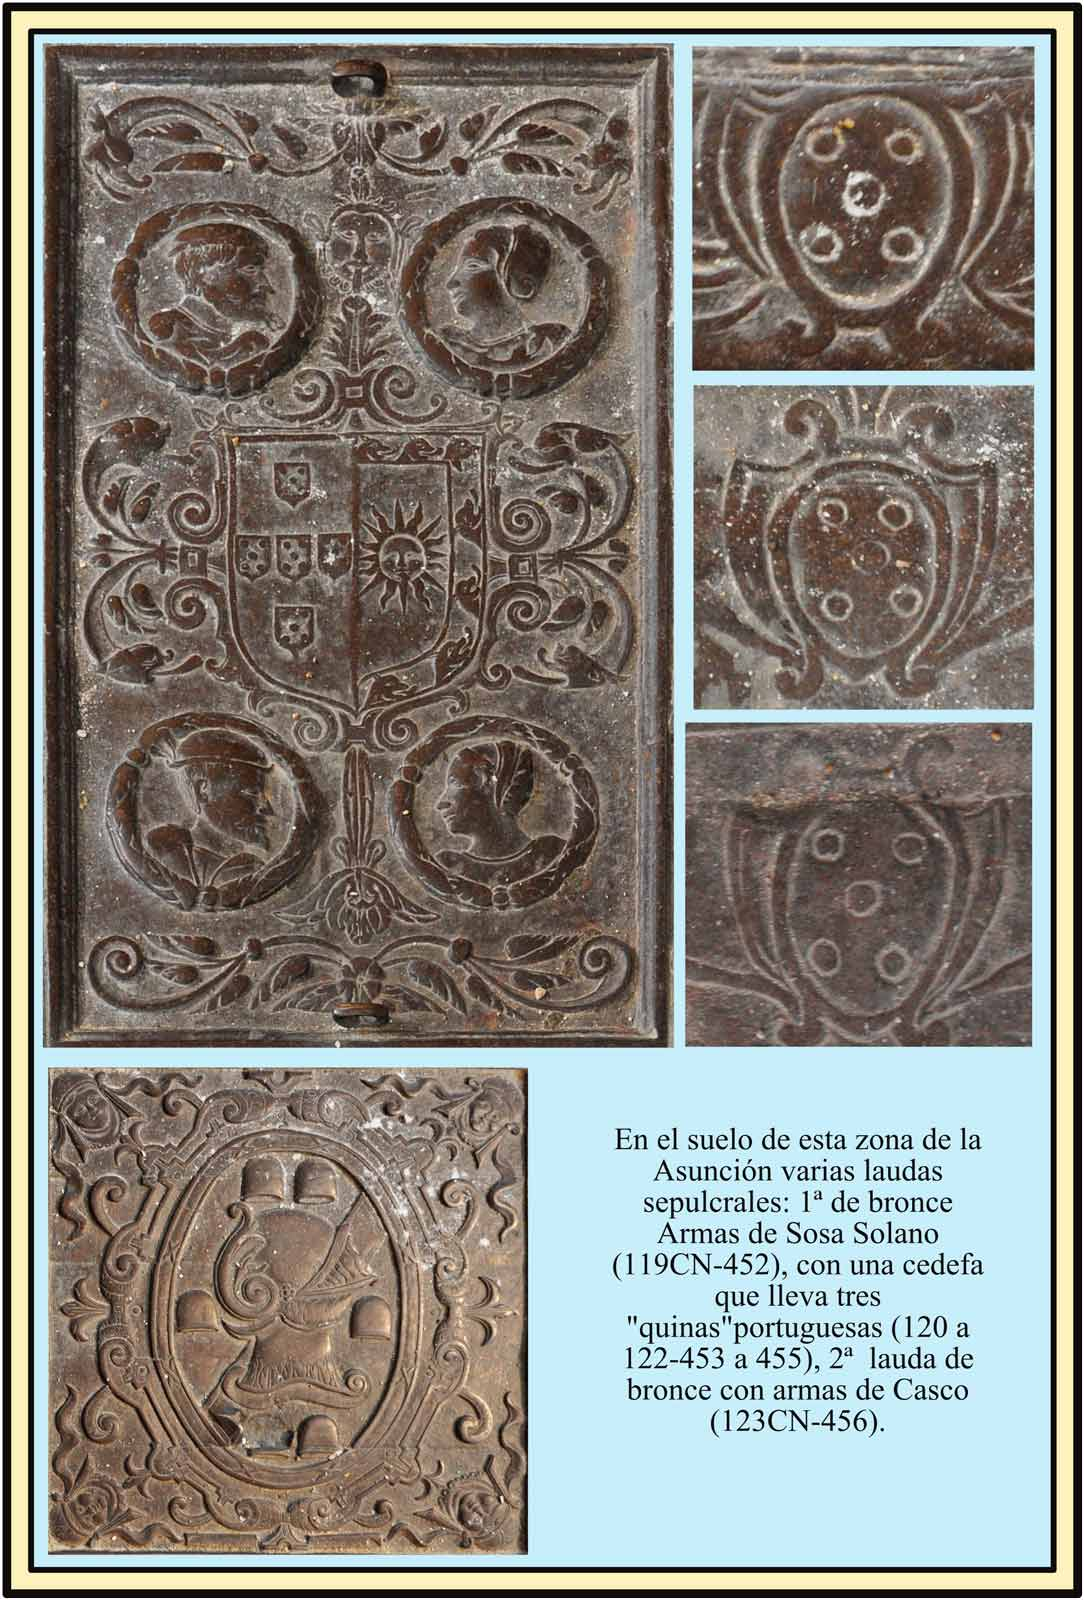 Lapidas sepulcrales. Altar de La Asuncion, escudos Sosa, Solano y Casco